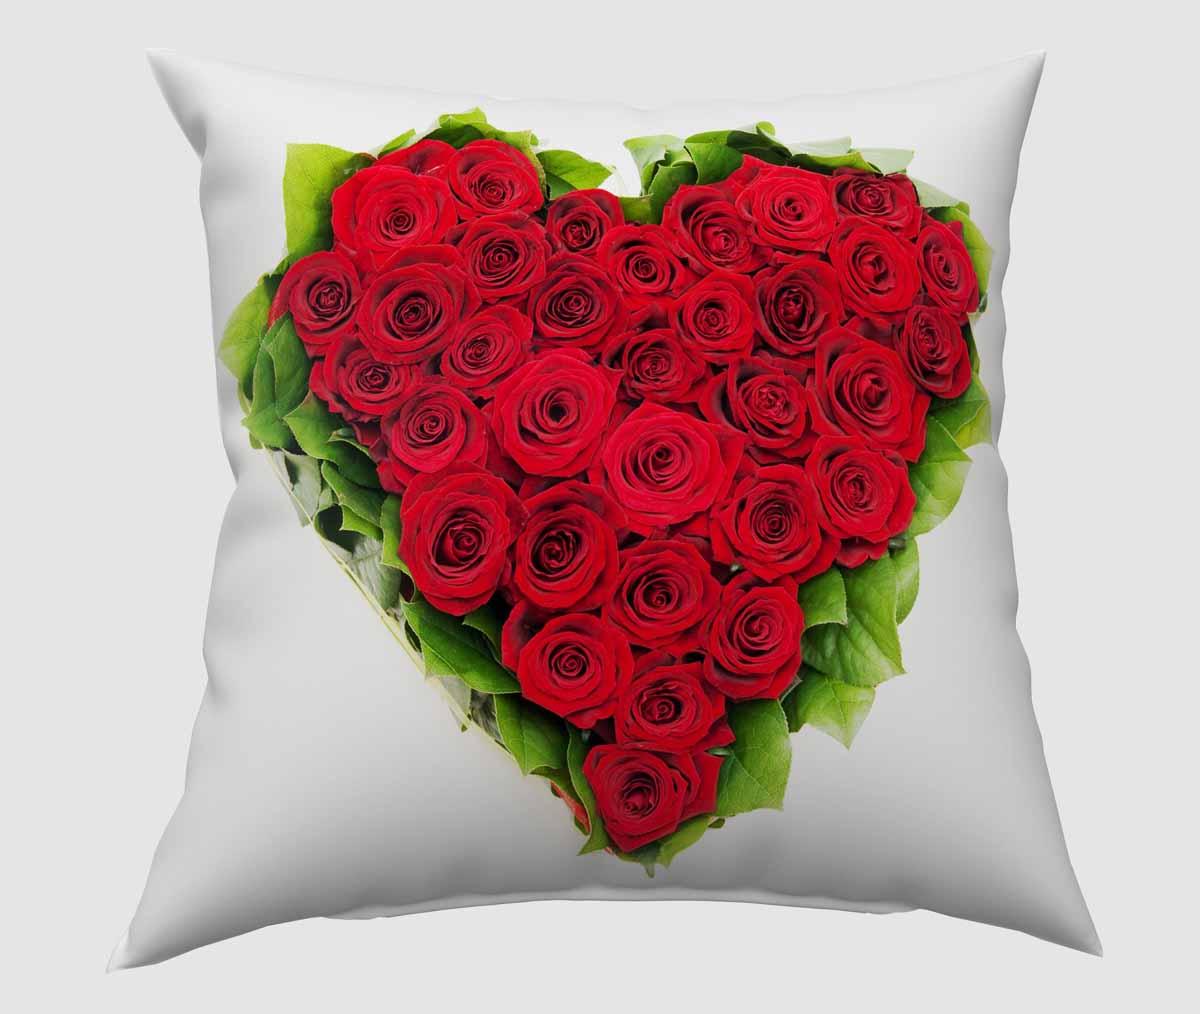 Подушка декоративная Сирень Букет - сердце, 40 х 40 см07521-ПШ-ГБ-012Декоративная подушка Сирень Букет - сердце, изготовленная из габардина (100% полиэстер), прекрасно дополнит интерьер спальни или гостиной. Подушка оформлена красочным изображением. Внутри - мягкий наполнитель из холлофайбера (100% полиэстер). Красивая подушка создаст атмосферу тепла и уюта в спальне и станет прекрасным элементом декора.